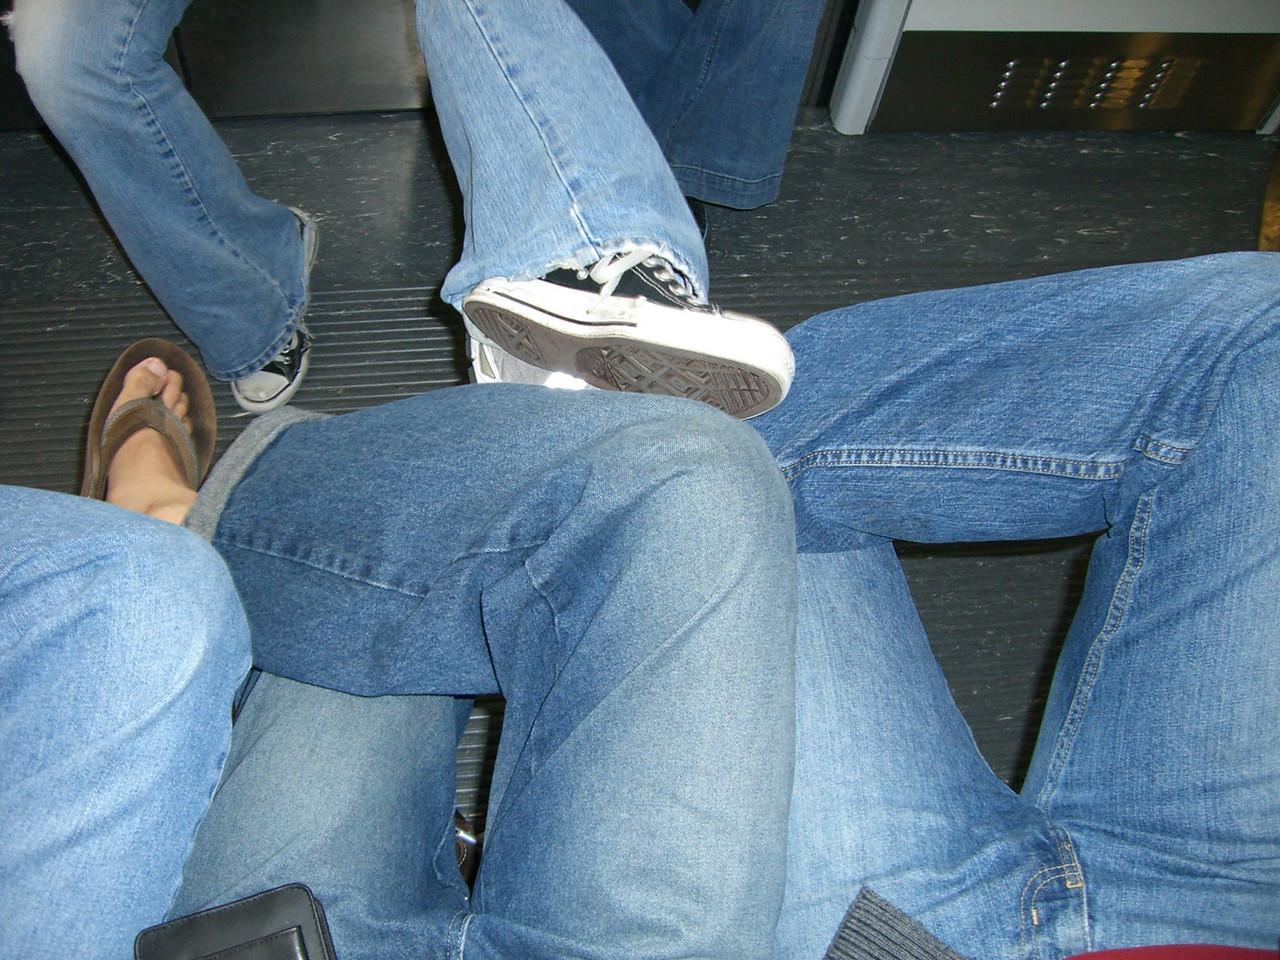 2005 12 19 Mon - I dislike wearing jeans